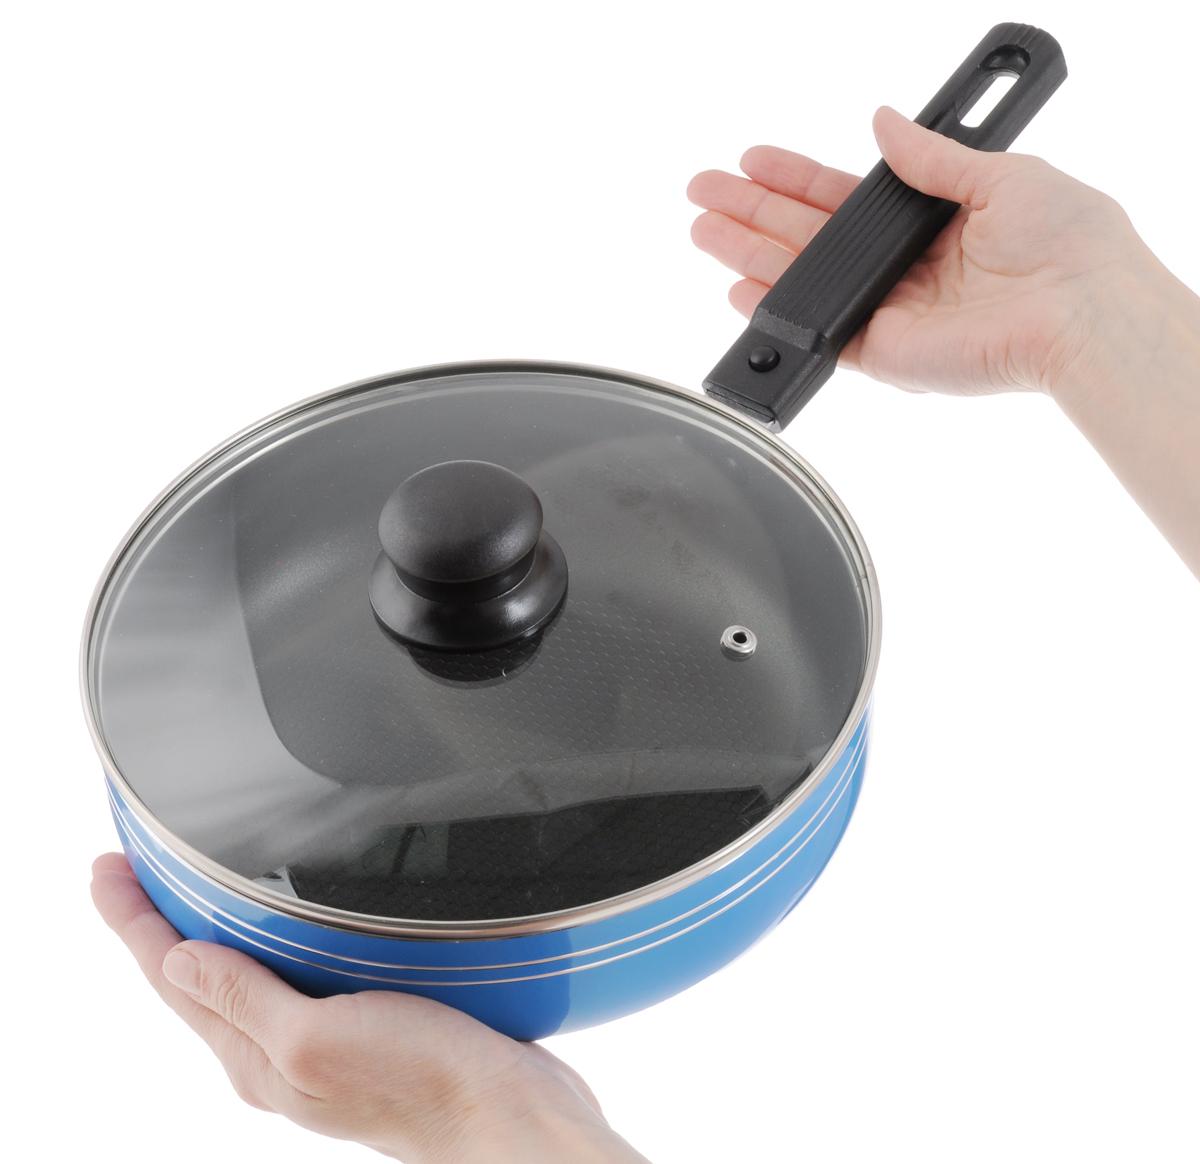 """Сковорода-сотейник """"Добрыня"""" изготовлена  из алюминия с высококачественным  антипригарным покрытием эко-керамика. Не  содержит вредных примесей ПФОК, что  способствует здоровому и экологичному  приготовлению пищи. Кроме того, с таким  покрытием пища не пригорает и не  прилипает к стенкам, поэтому можно готовить с  минимальным добавлением масла и жиров. Покрытие обладает высокой прочностью,  устойчиво к высокотемпературным режимам и  истиранию керамического слоя при ежедневном  использовании. Благодаря высокой  теплопроводности алюминия сковорода  распределяет тепло по всей  поверхности, что делает приготовление пищи  максимально качественным.   Сковорода-сотейник оснащена крышкой из  жаростойкого  стекла с отверстием для выхода пара и  эргономичной съемной ручкой из пластика.  Подходит для использования на всех  видах плит, кроме индукционных. Можно мыть в  посудомоечной машине.  Диаметр сковороды-сотейника: 22 см.  Высота стенок: 6,5 см.  Длина ручки: 18 см."""